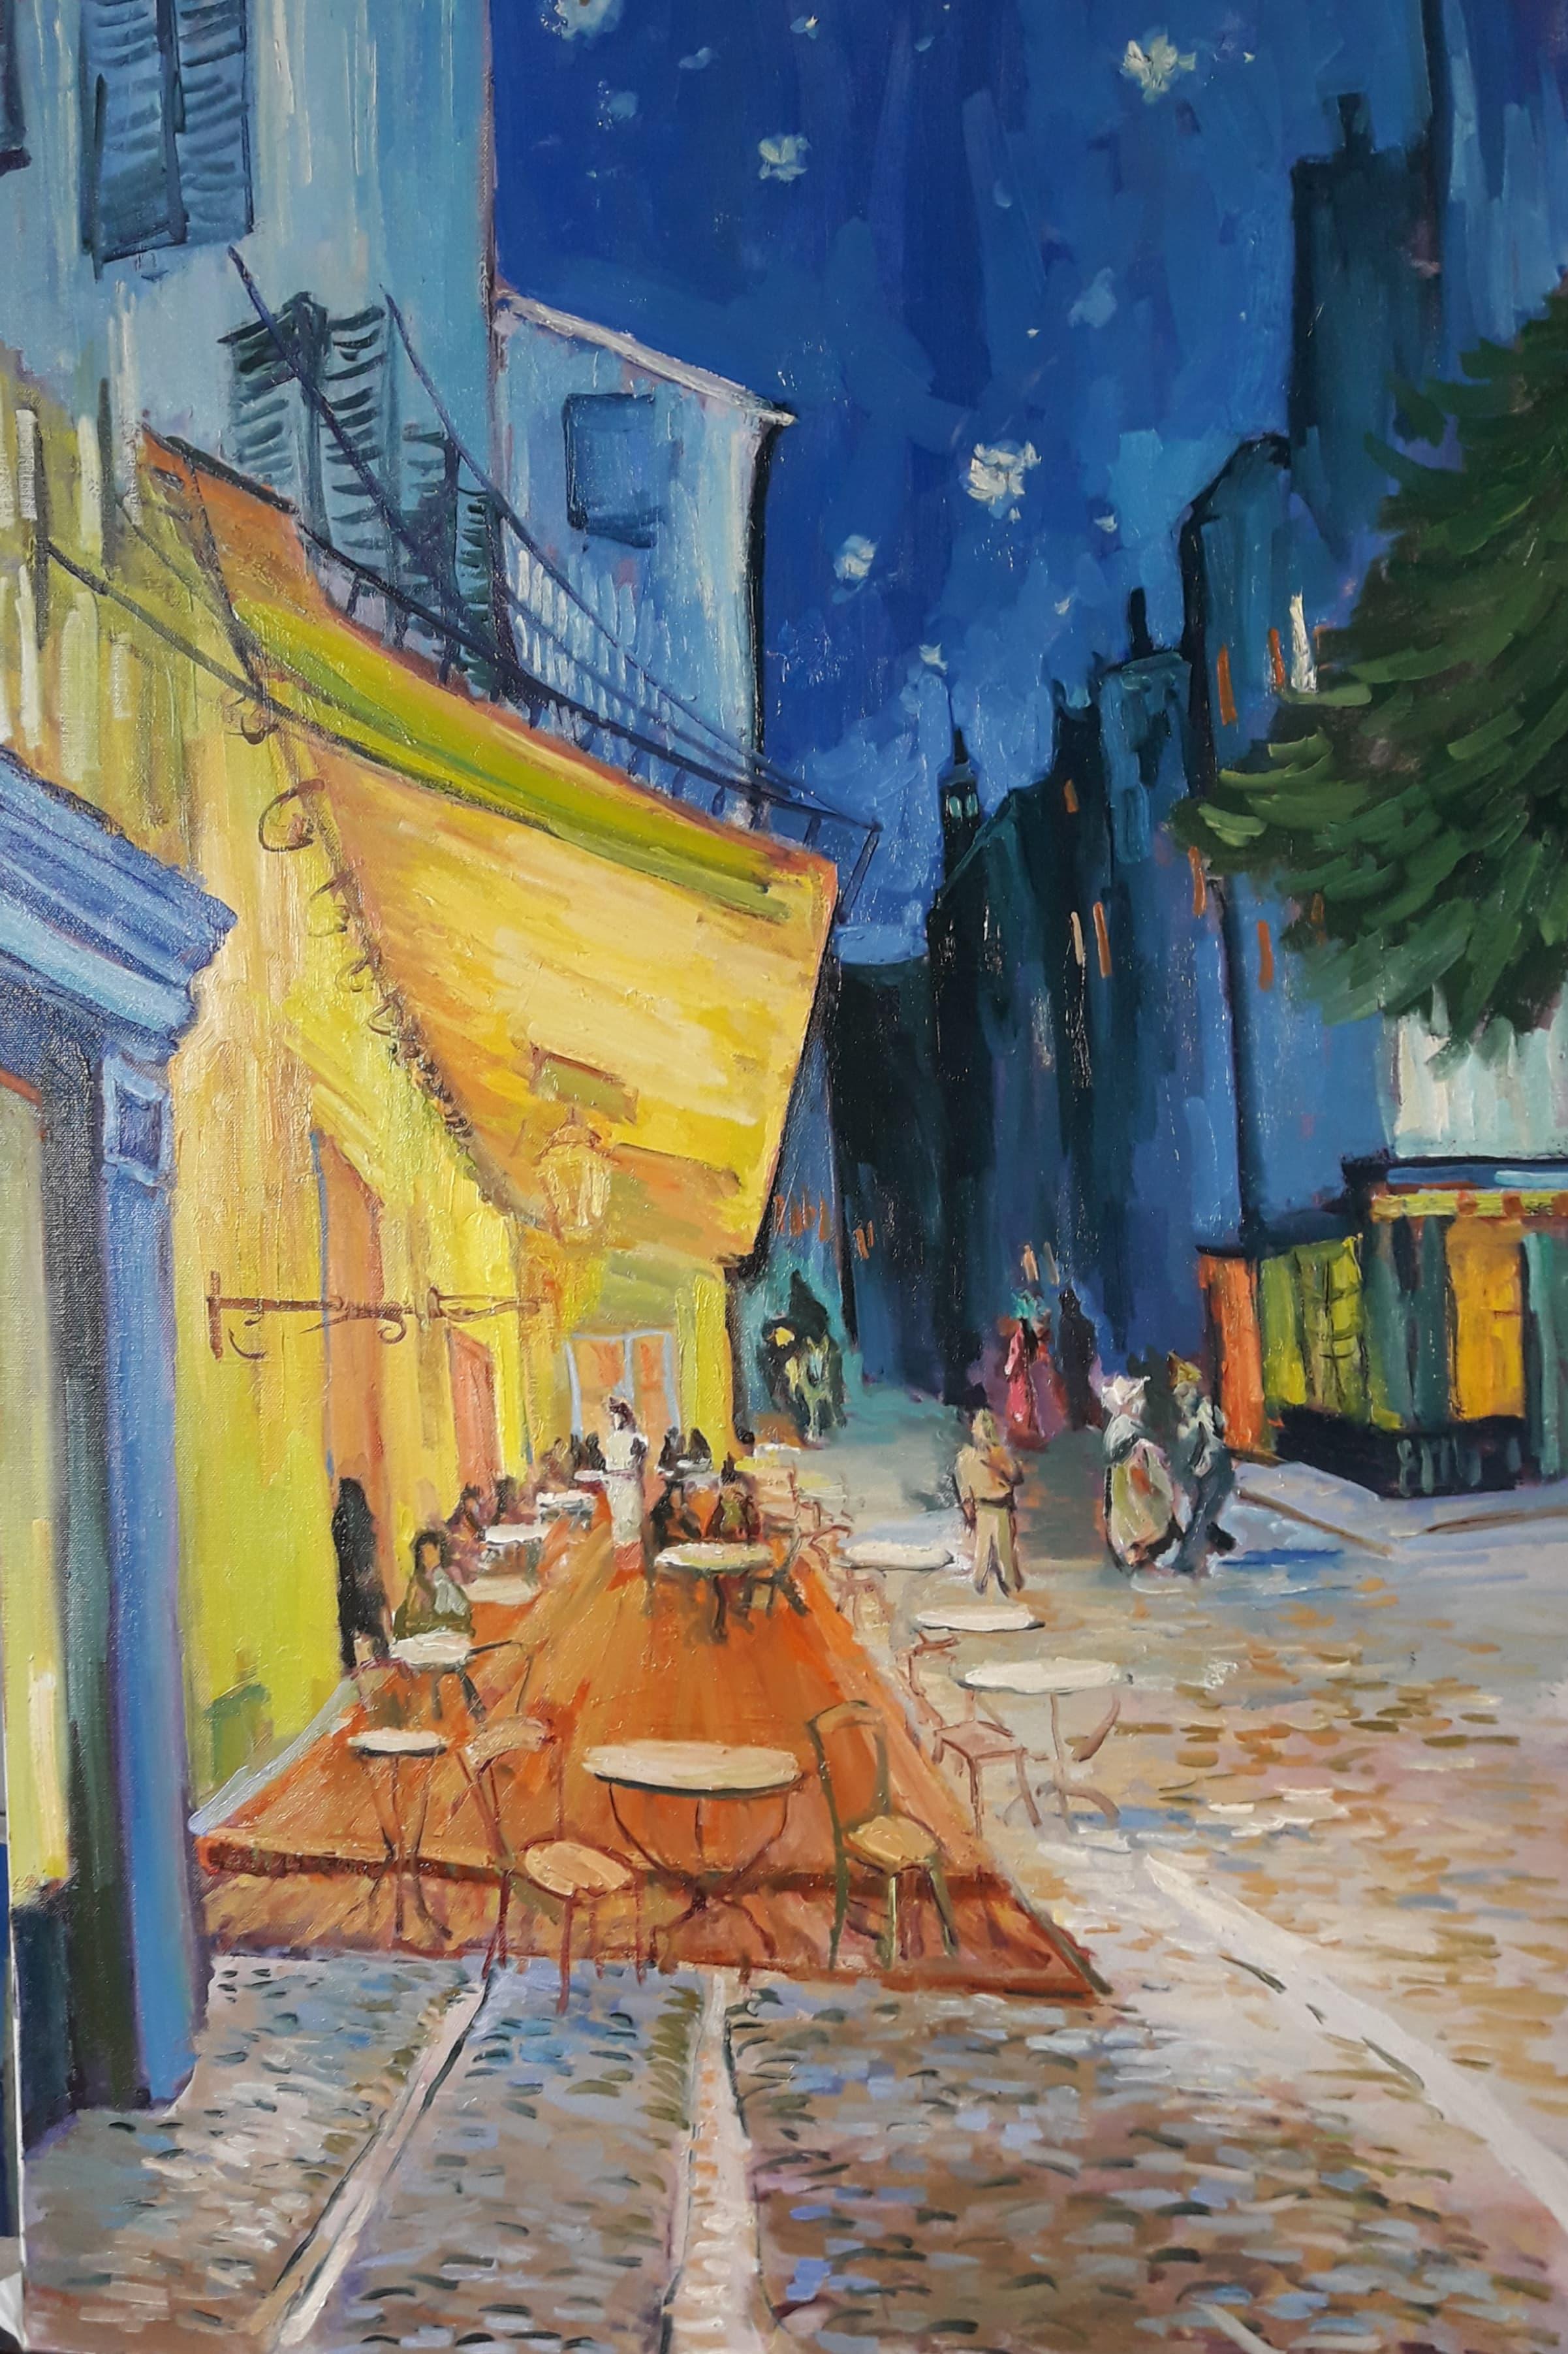 Ван Гог. Кафе на арле. свободная копия картины